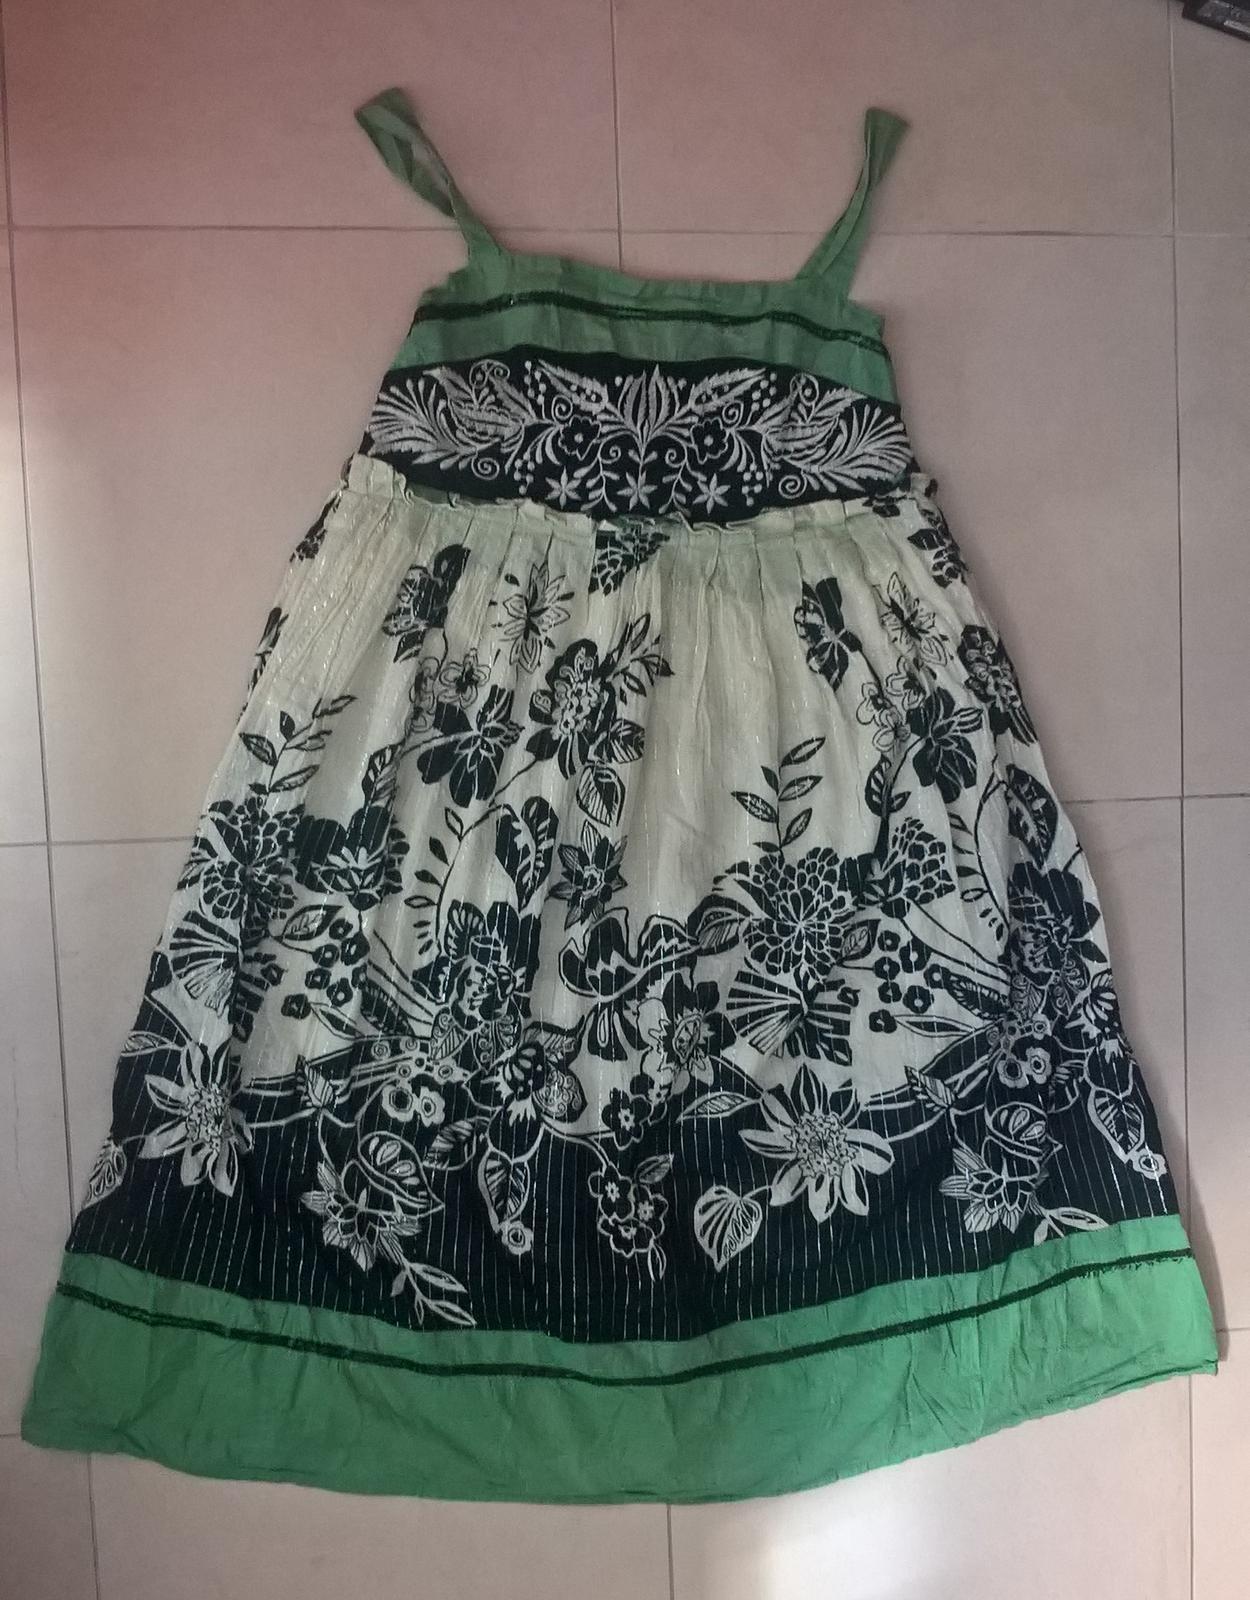 spoločenské dámske kvetované šaty č. 36 - Obrázok č. 2